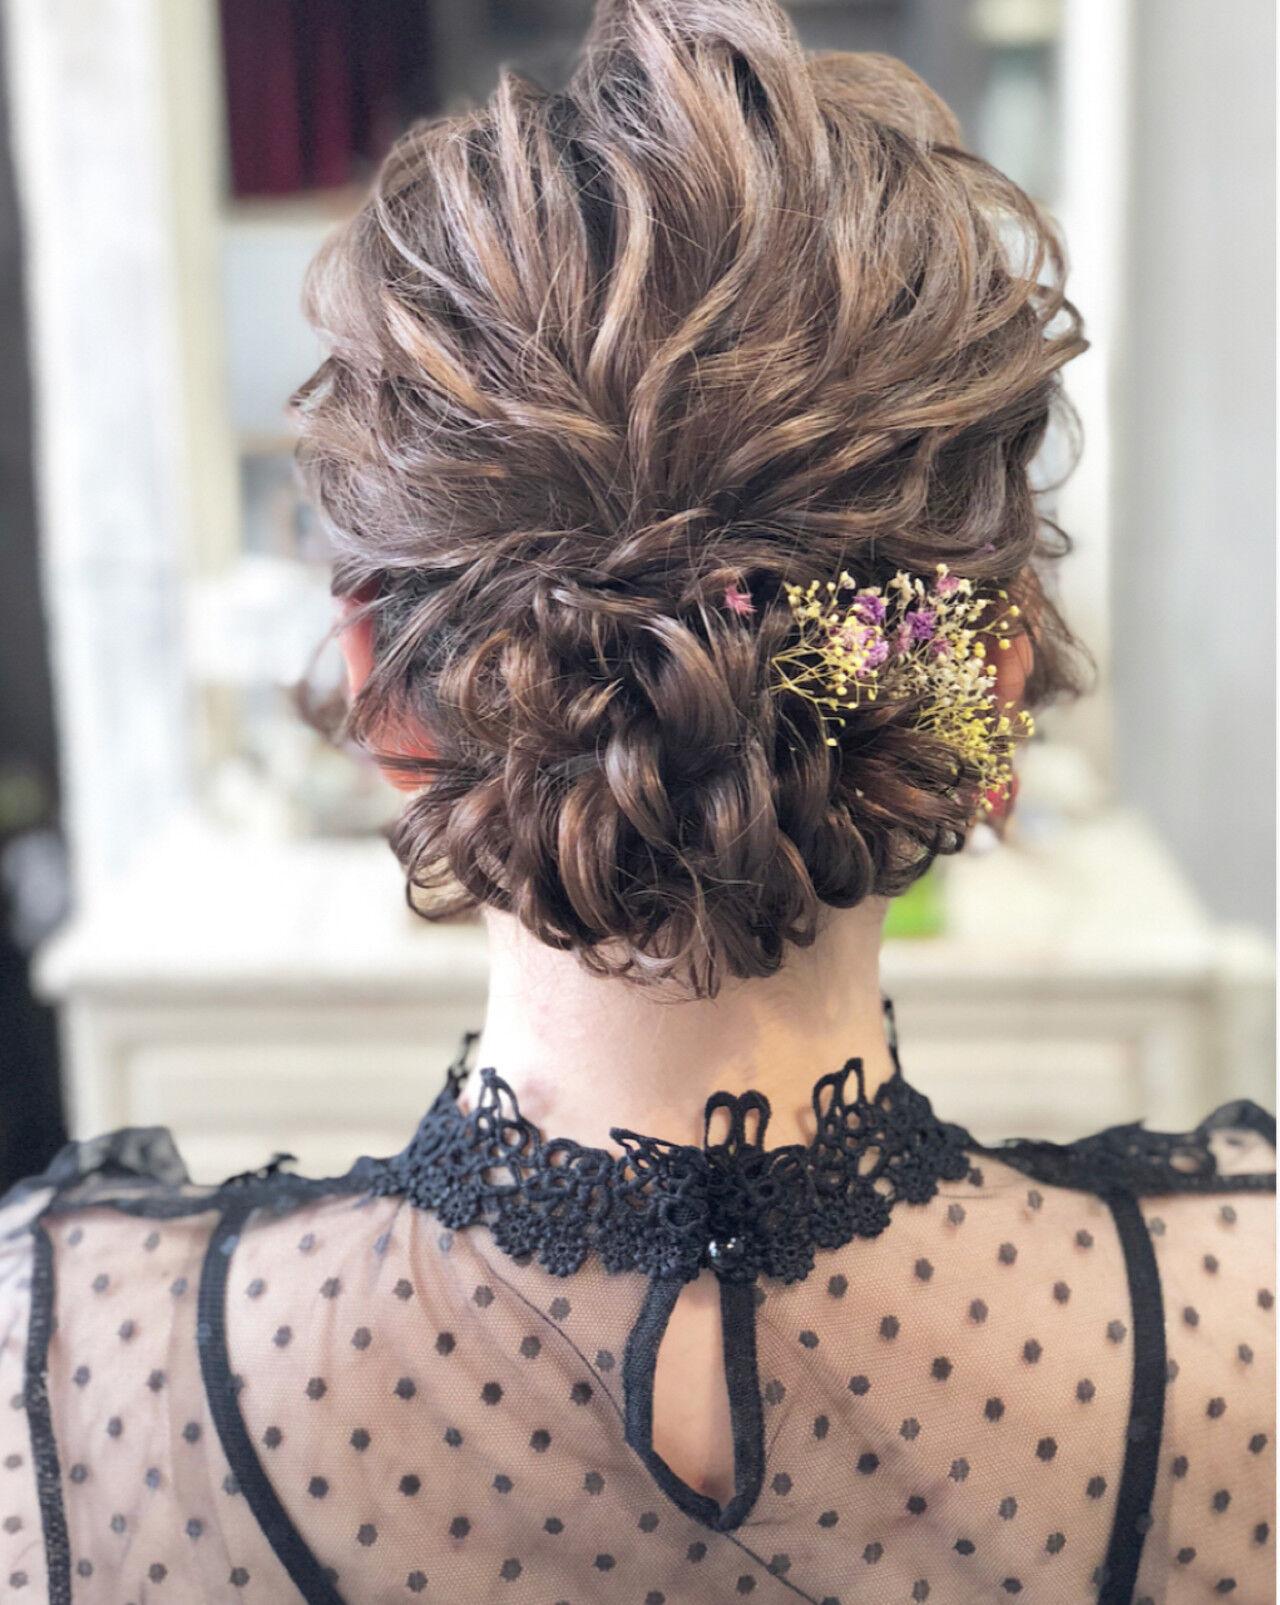 エレガント 大人かわいい シニヨン パーティヘアスタイルや髪型の写真・画像